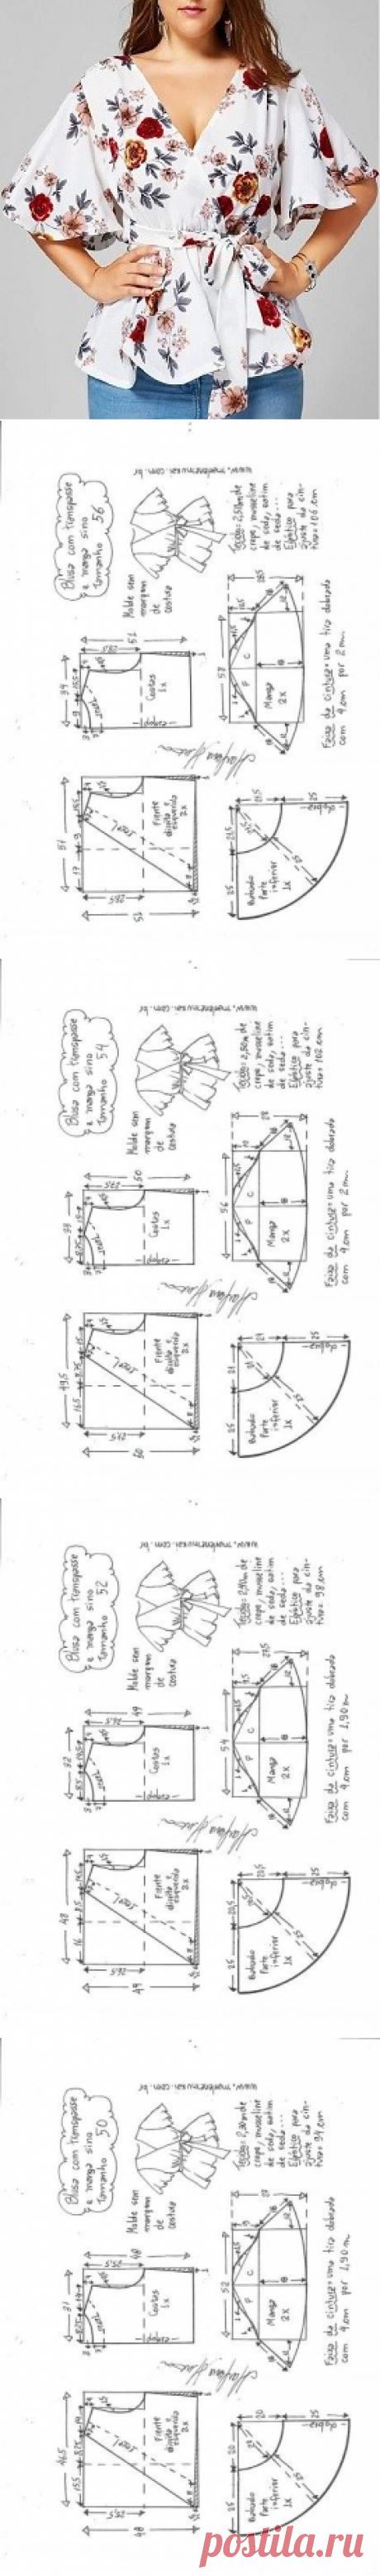 Блузка с круглой втулкой - DIY - плесень, нарезка и шов - Marlene Mukai